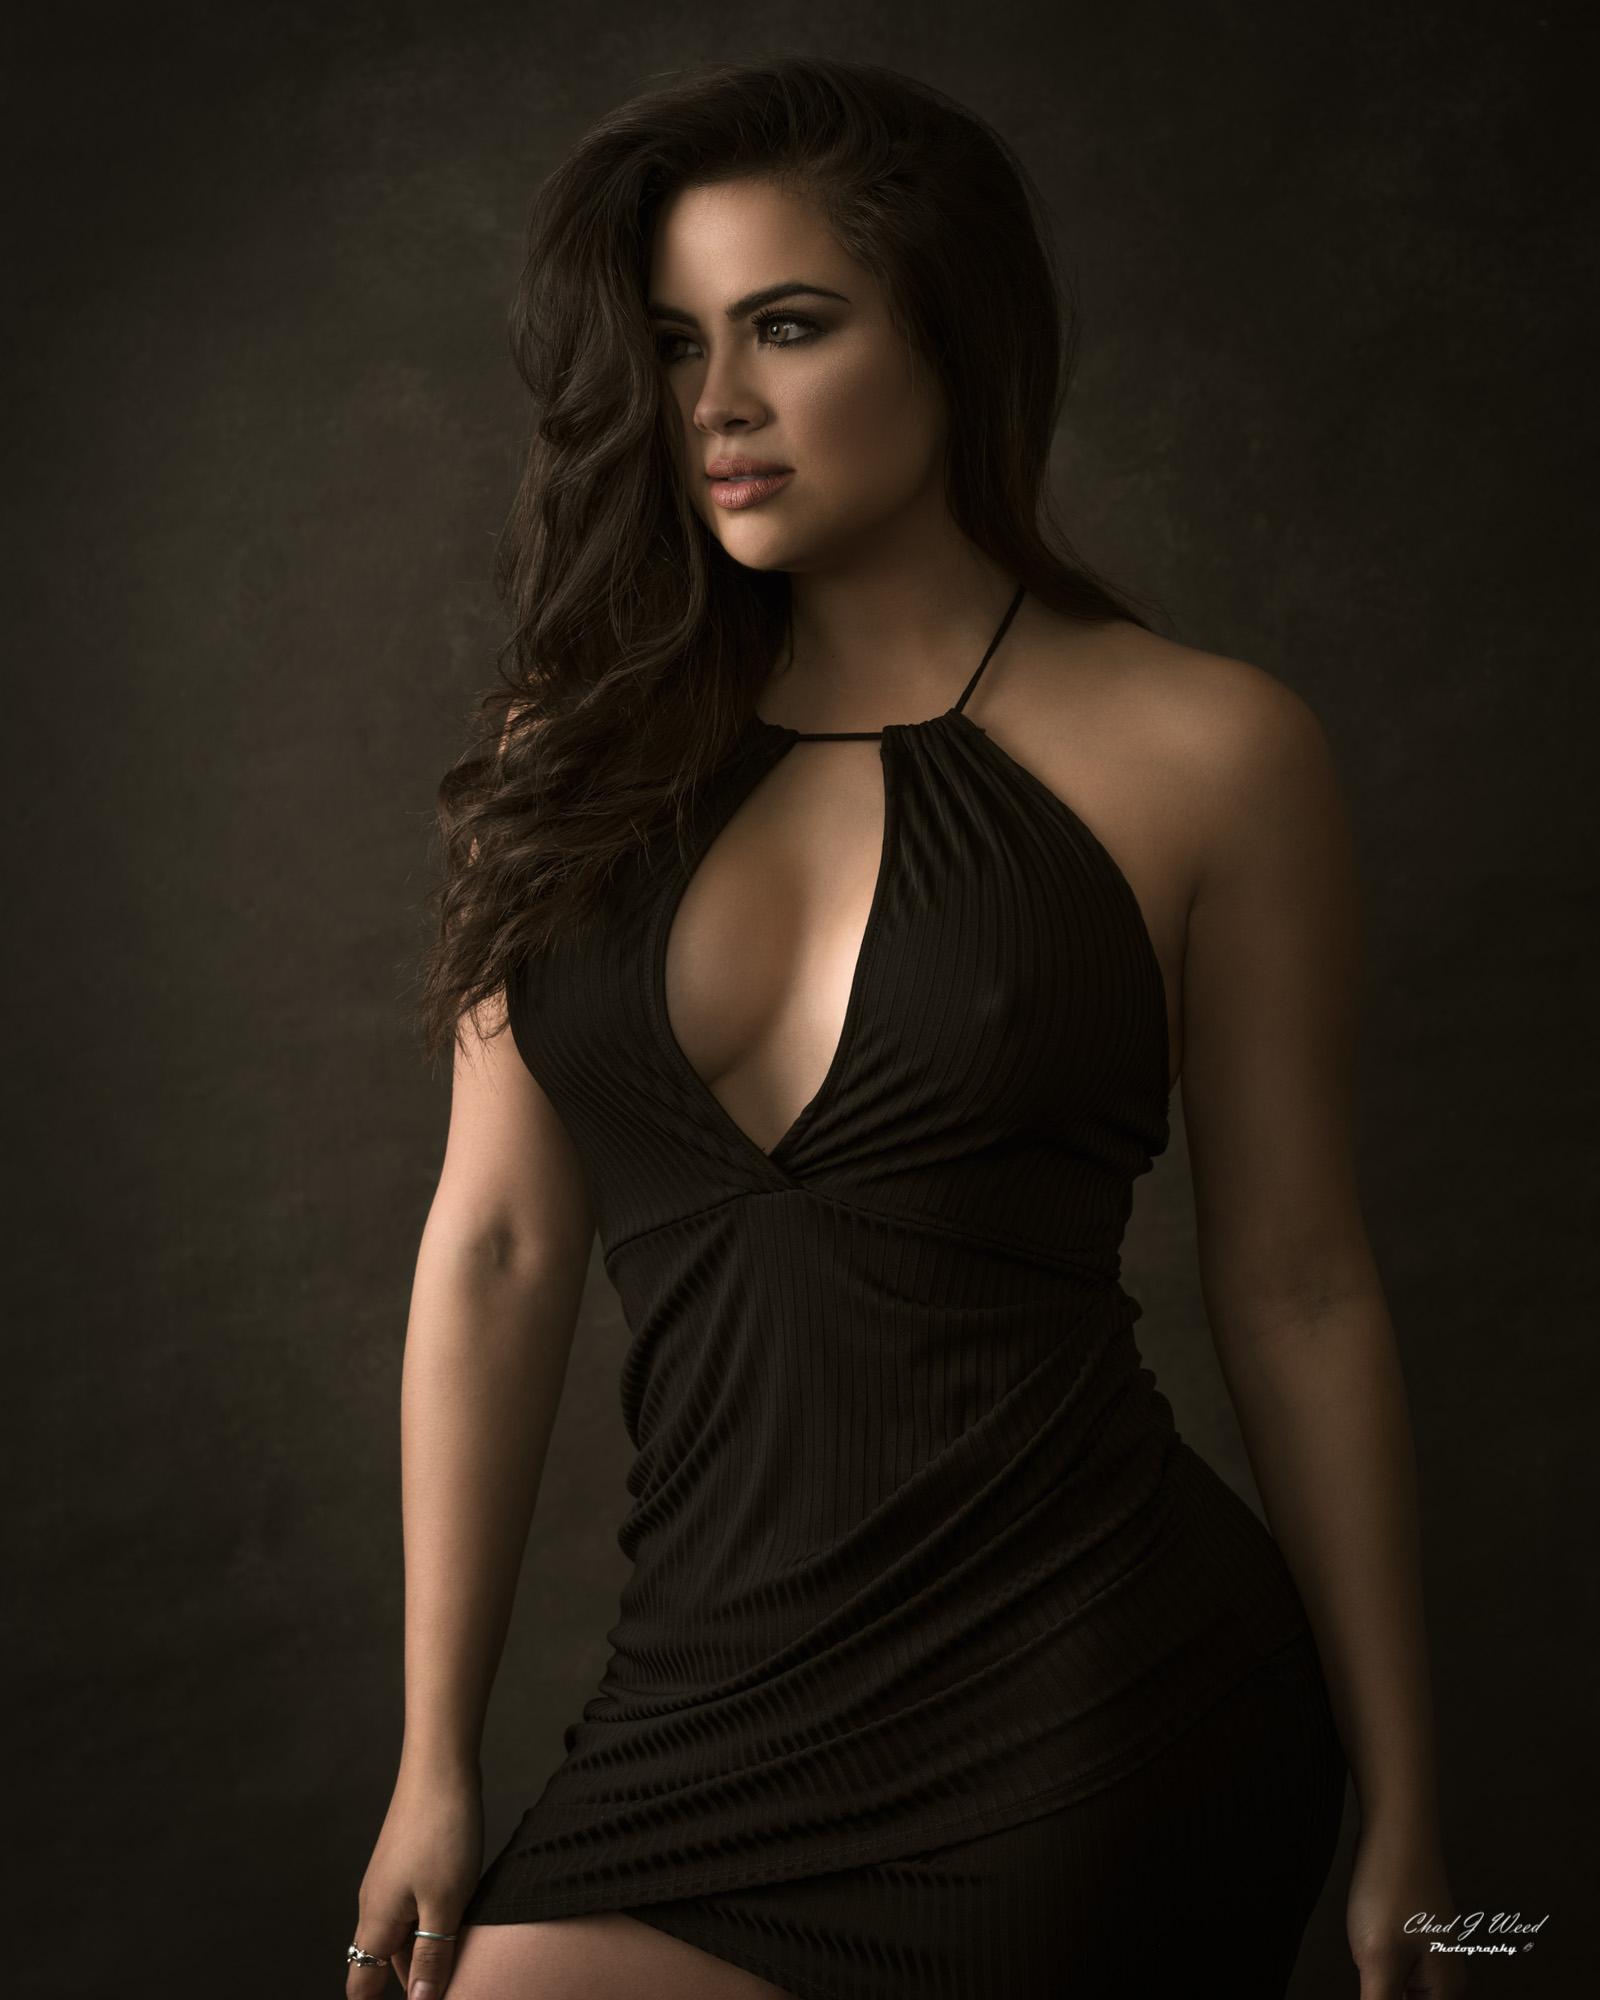 Mesa Arizona Fashion Portrait Photographer Chad Weed of Model Karla